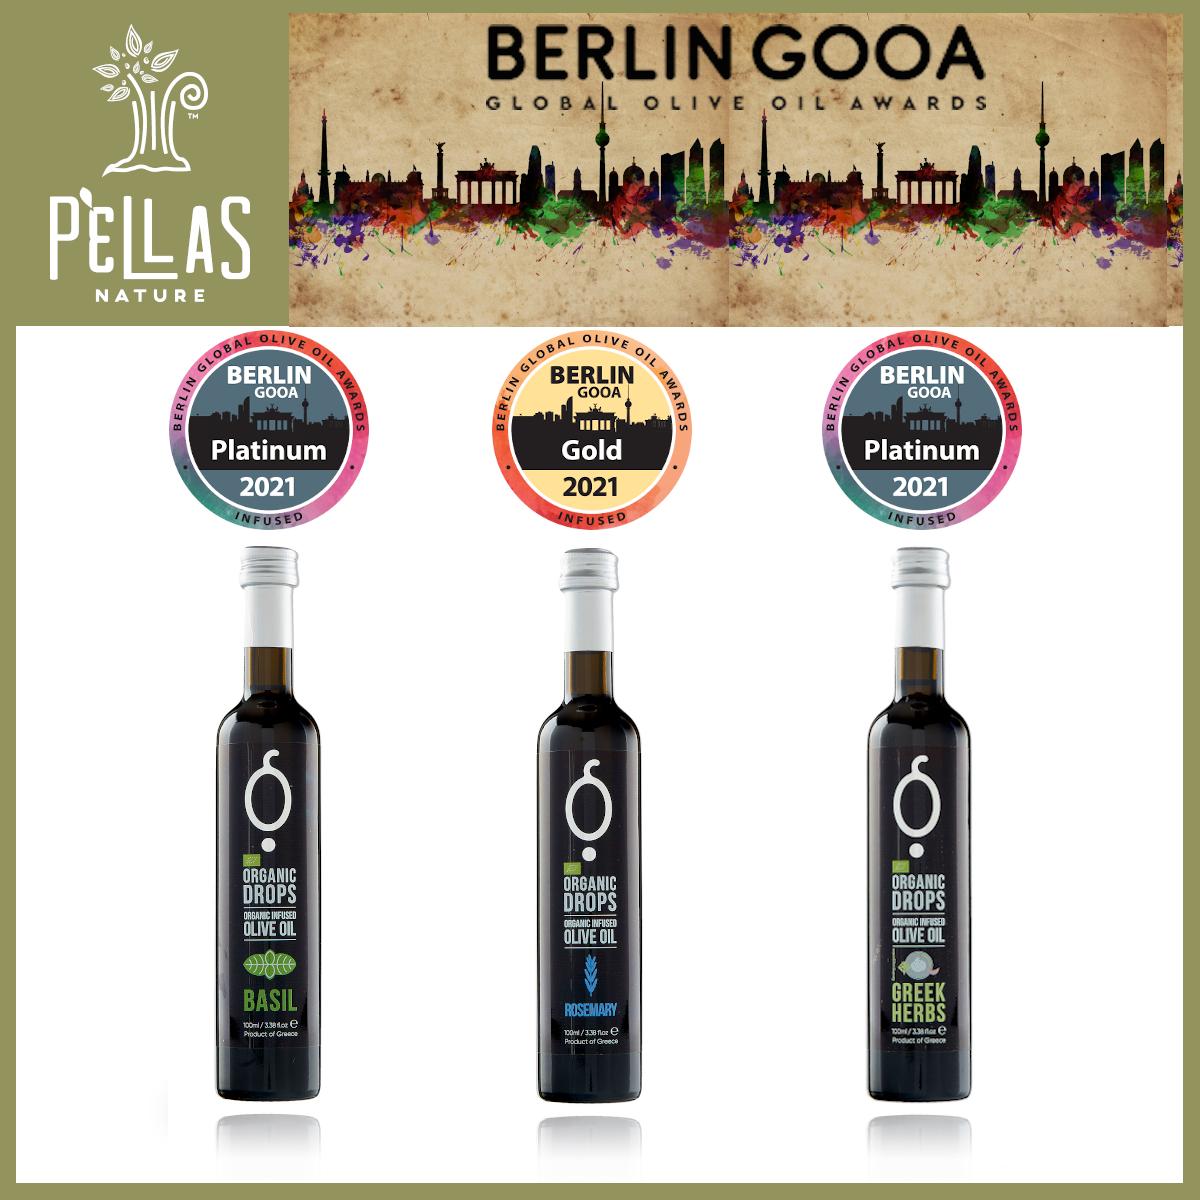 Pellas Nature Awards Berlin GOOA 2021